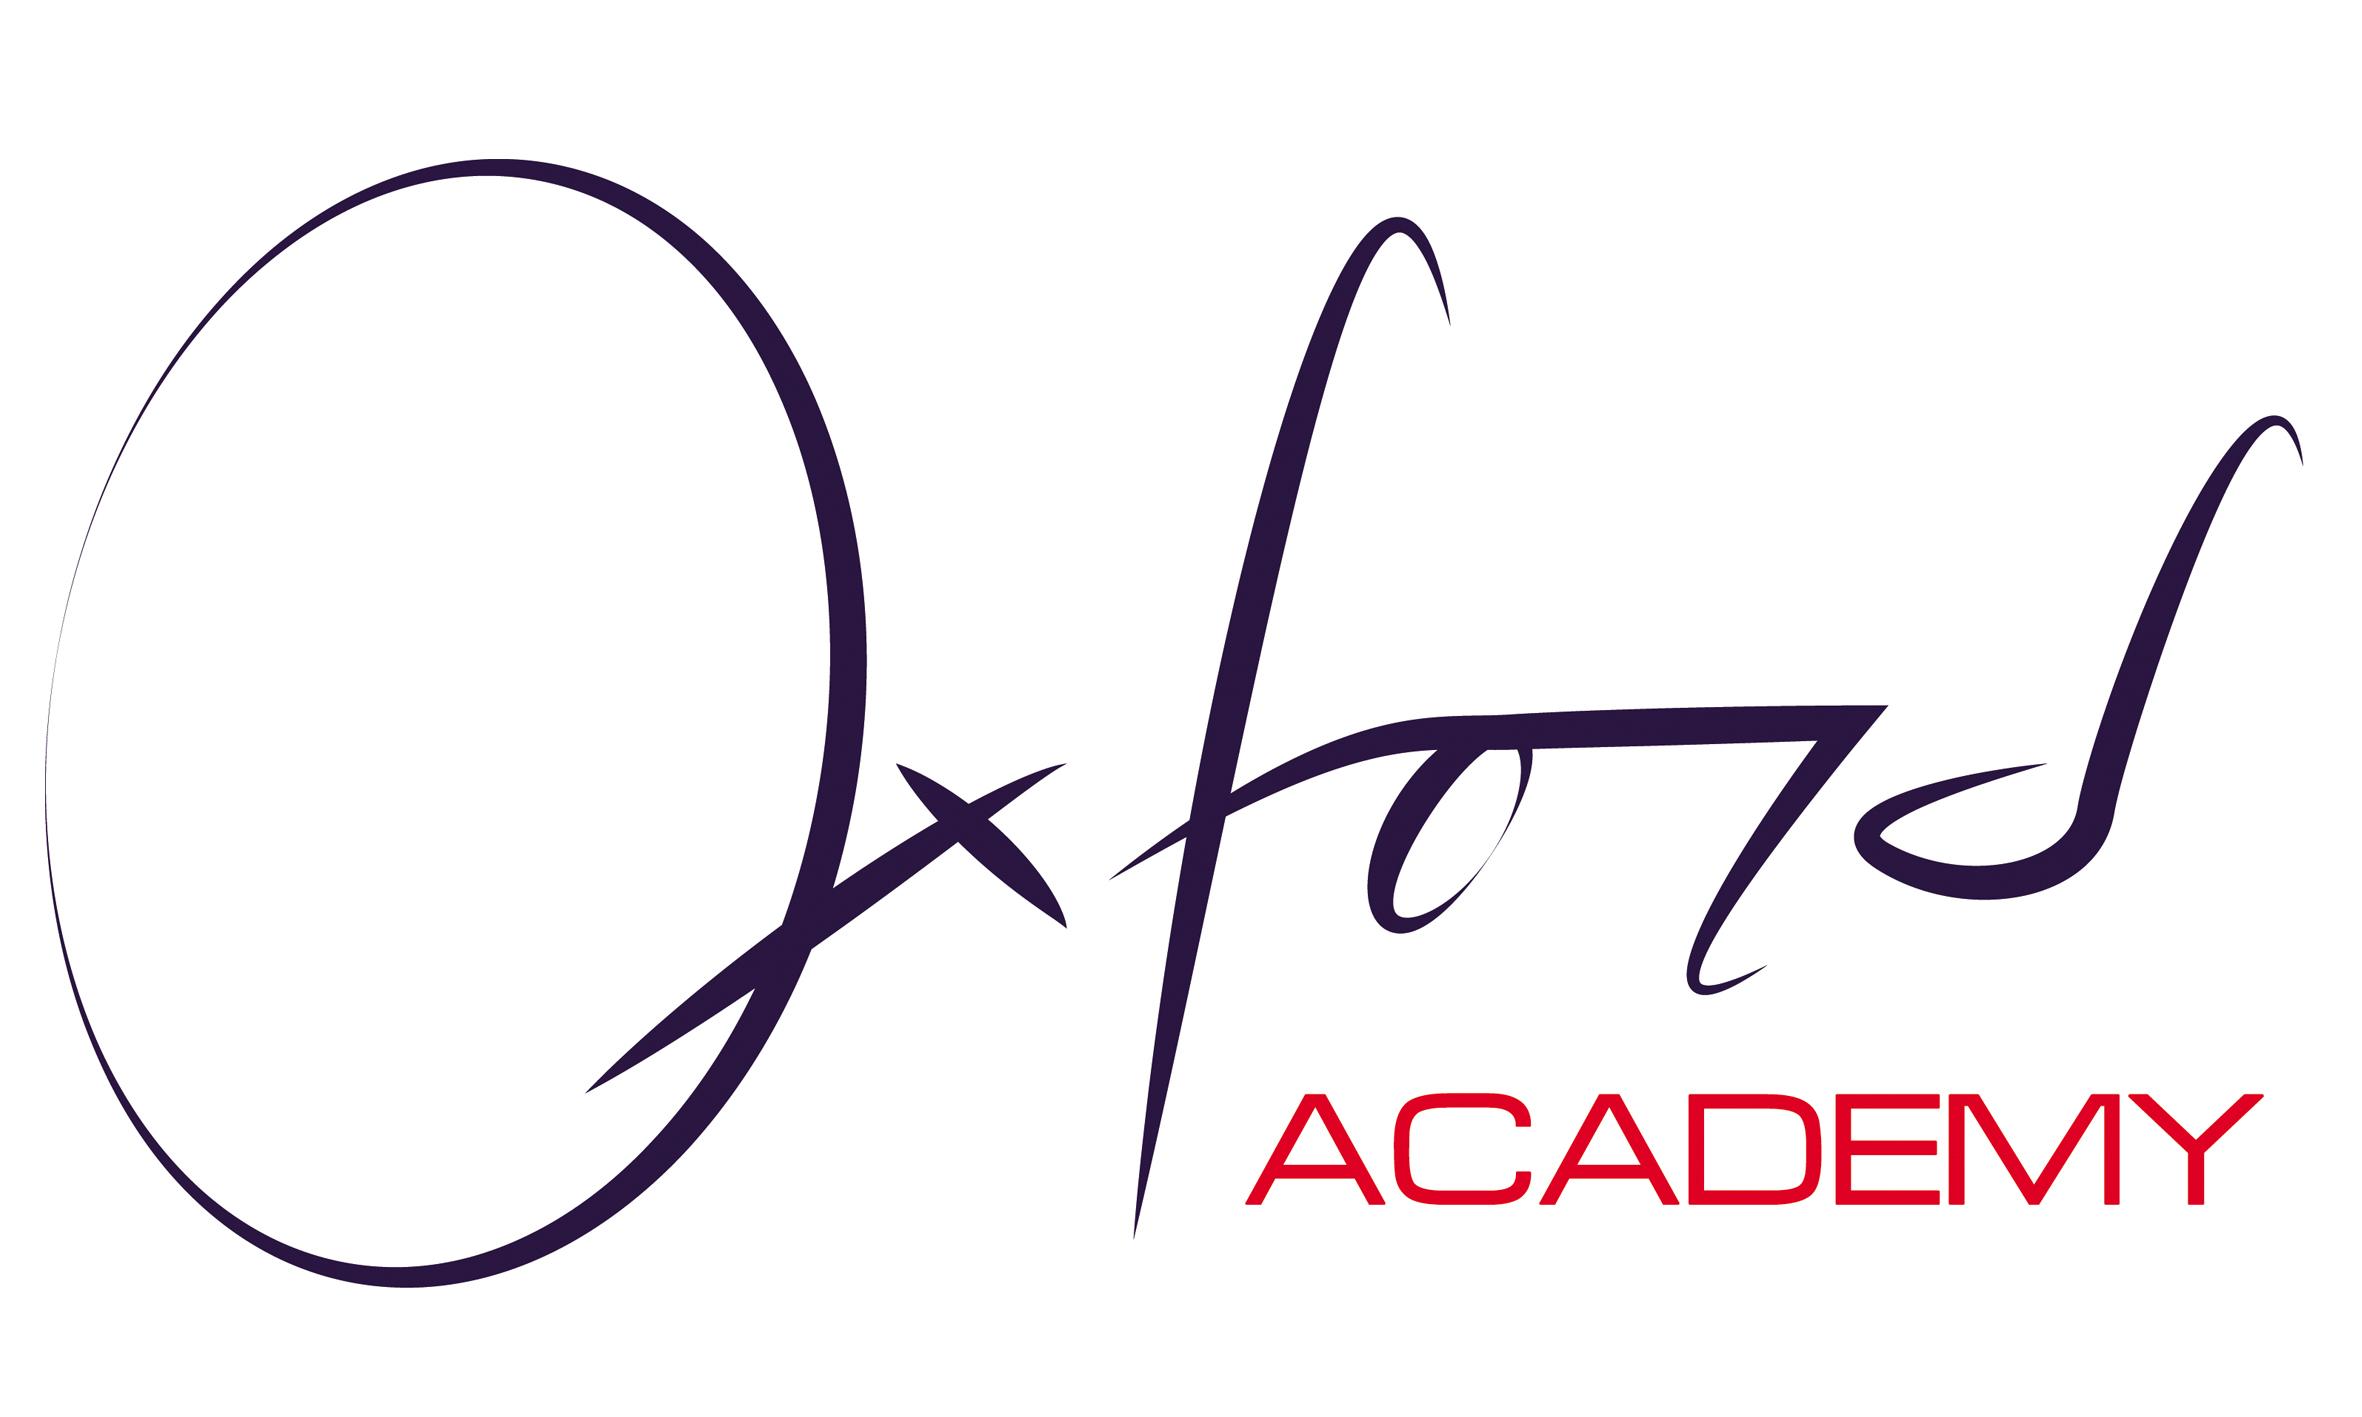 Academia Oxford